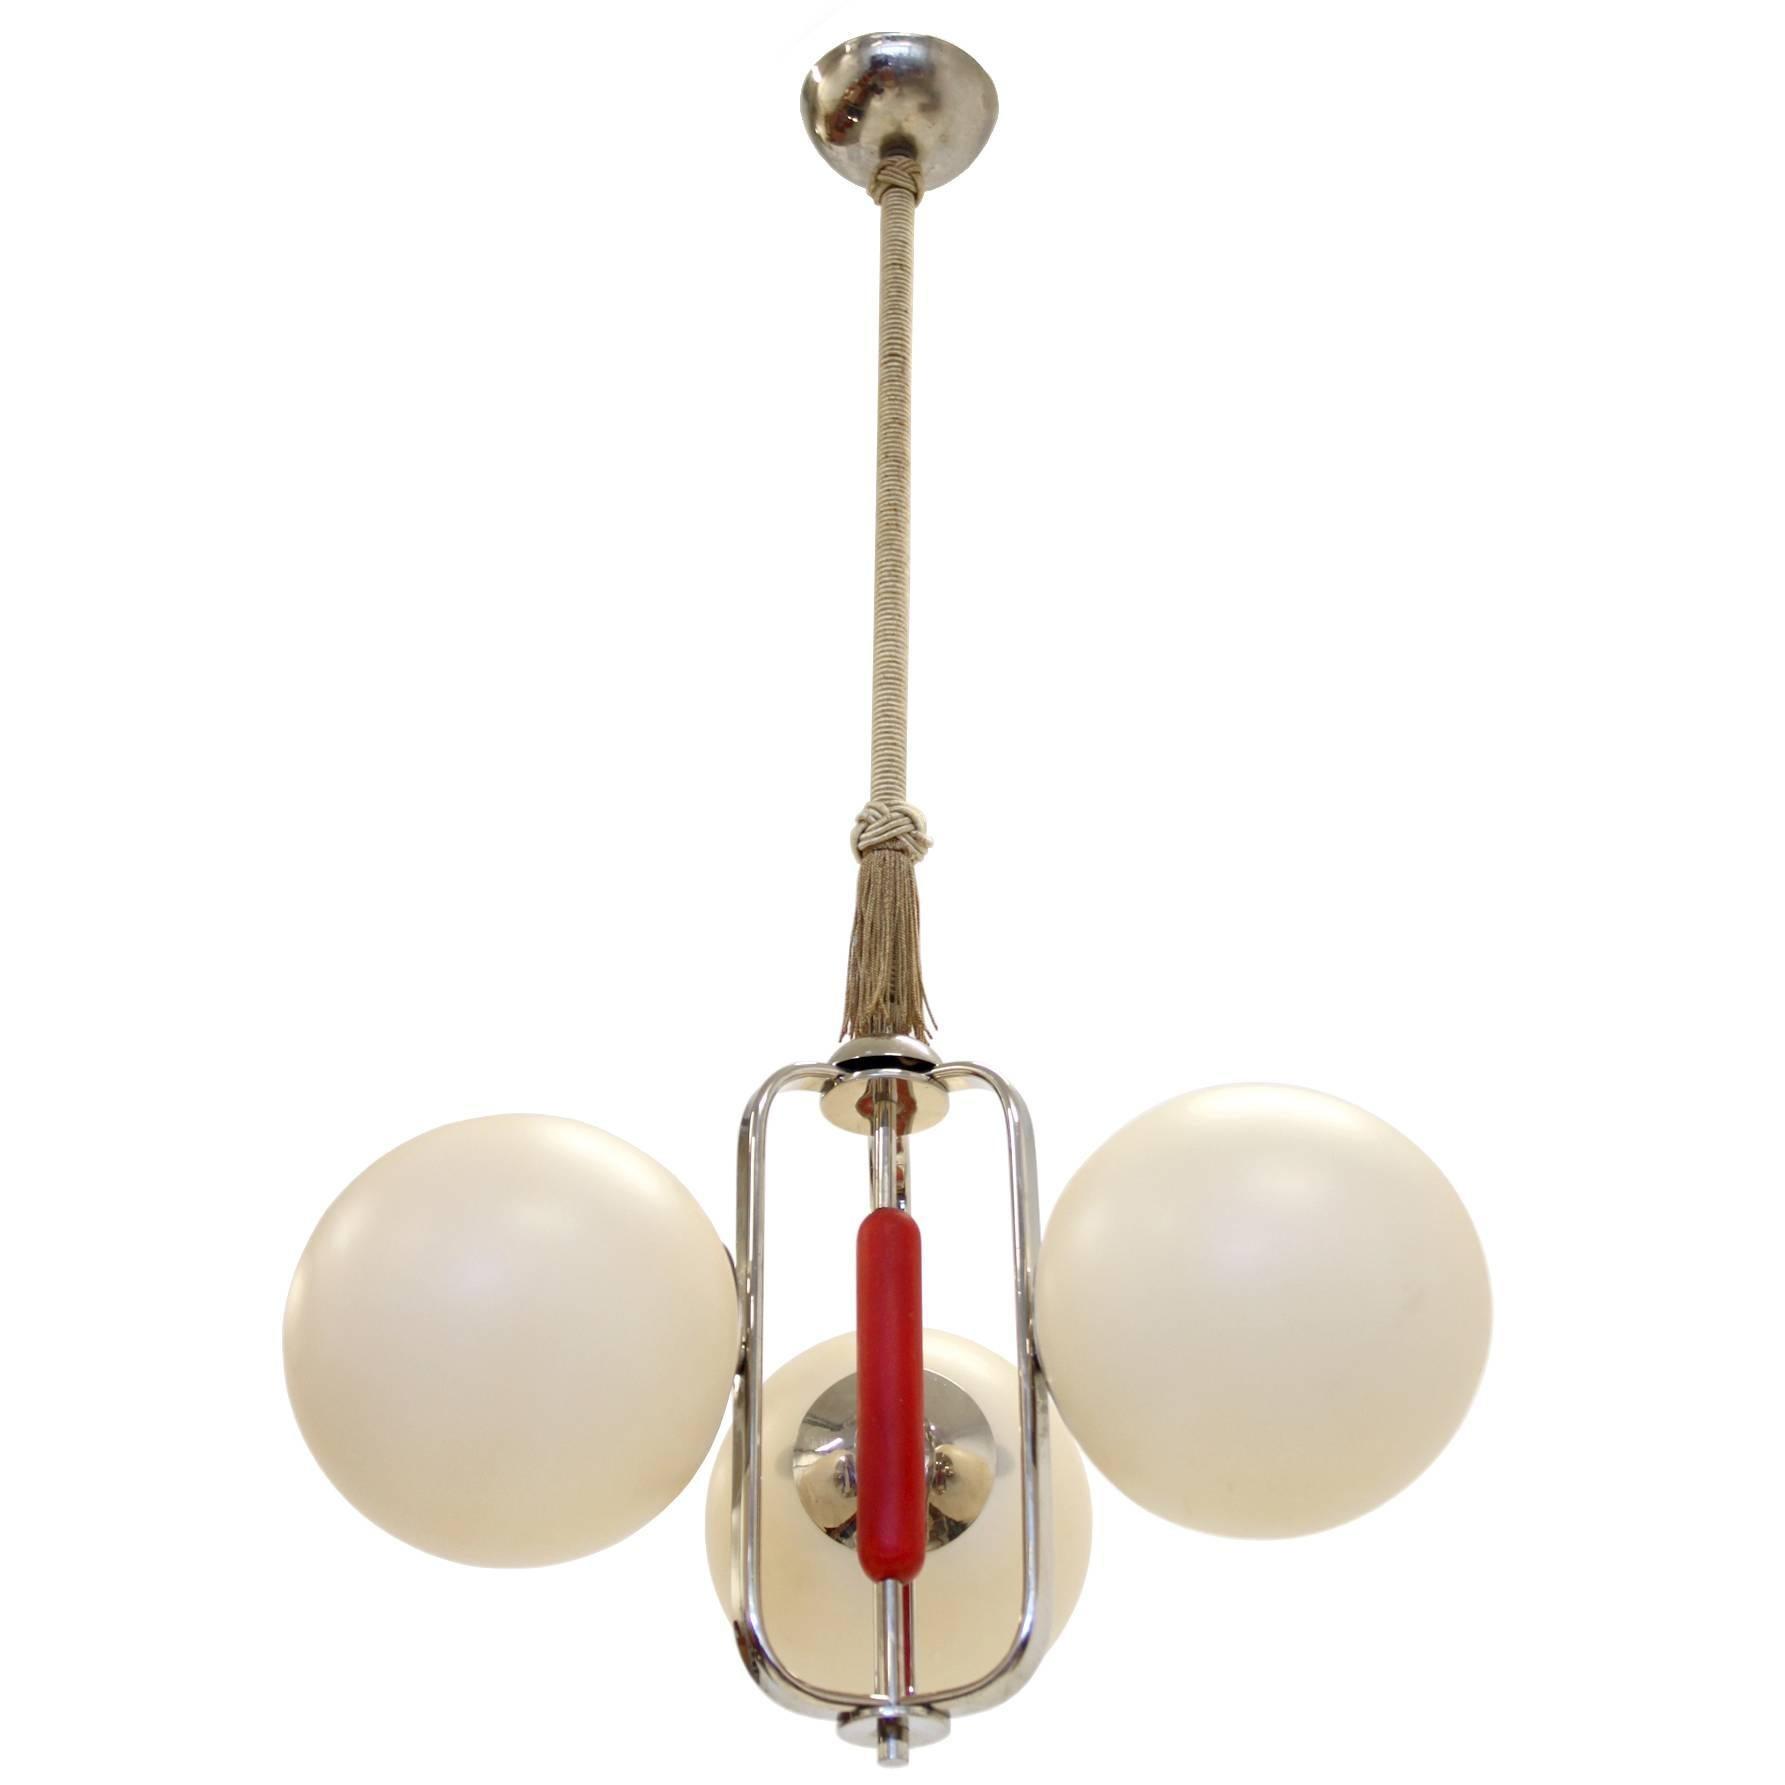 Scandinavian Functionalist Ceiling Light, 1950s